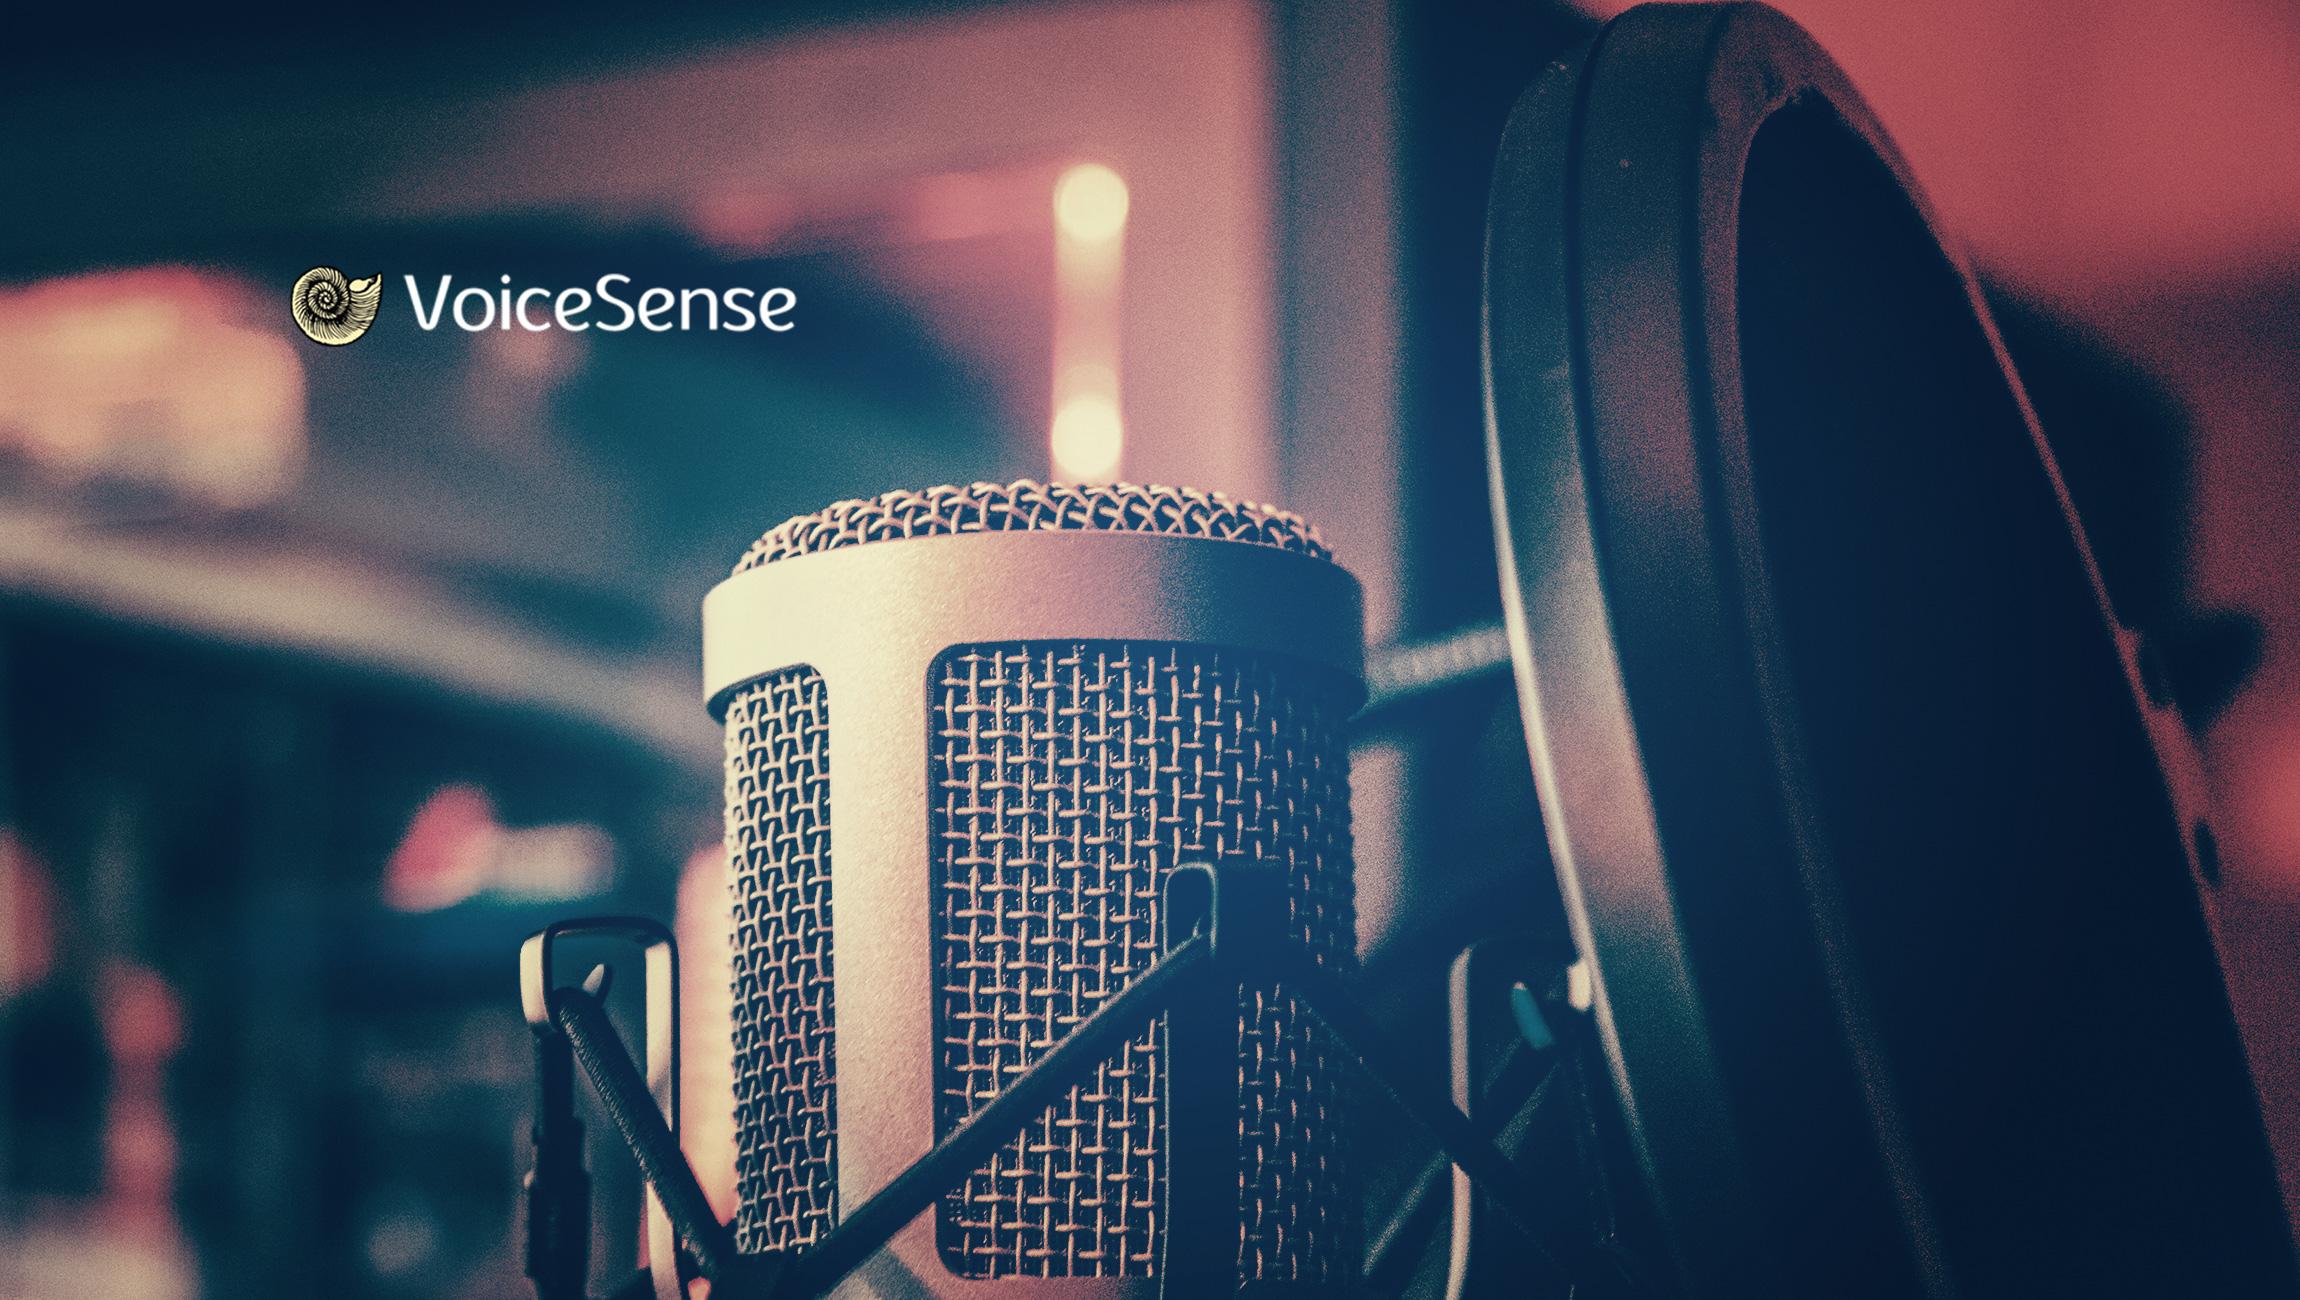 VoiceSense